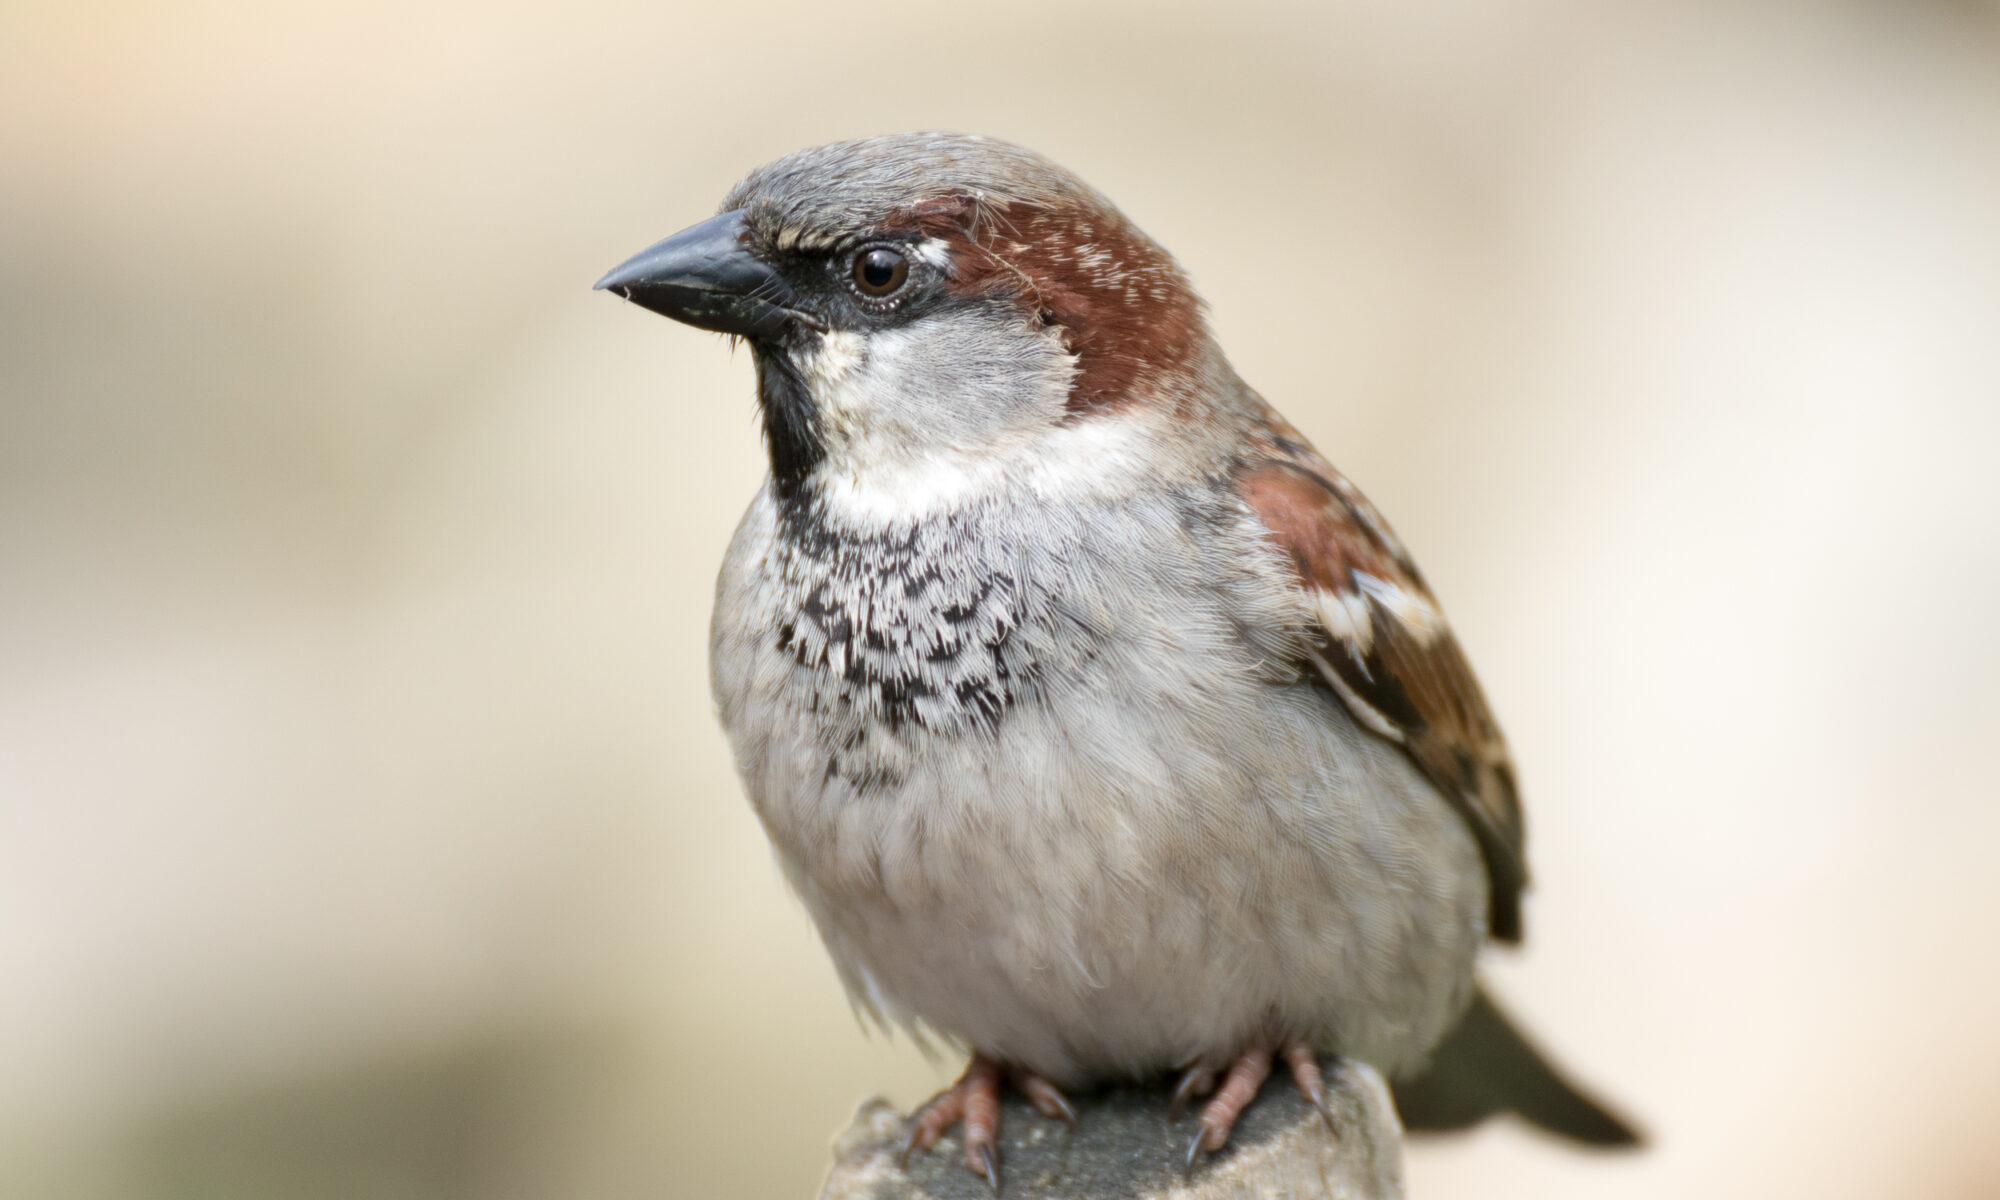 Ecólogos determinan por primera vez el número total de aves en el mundo